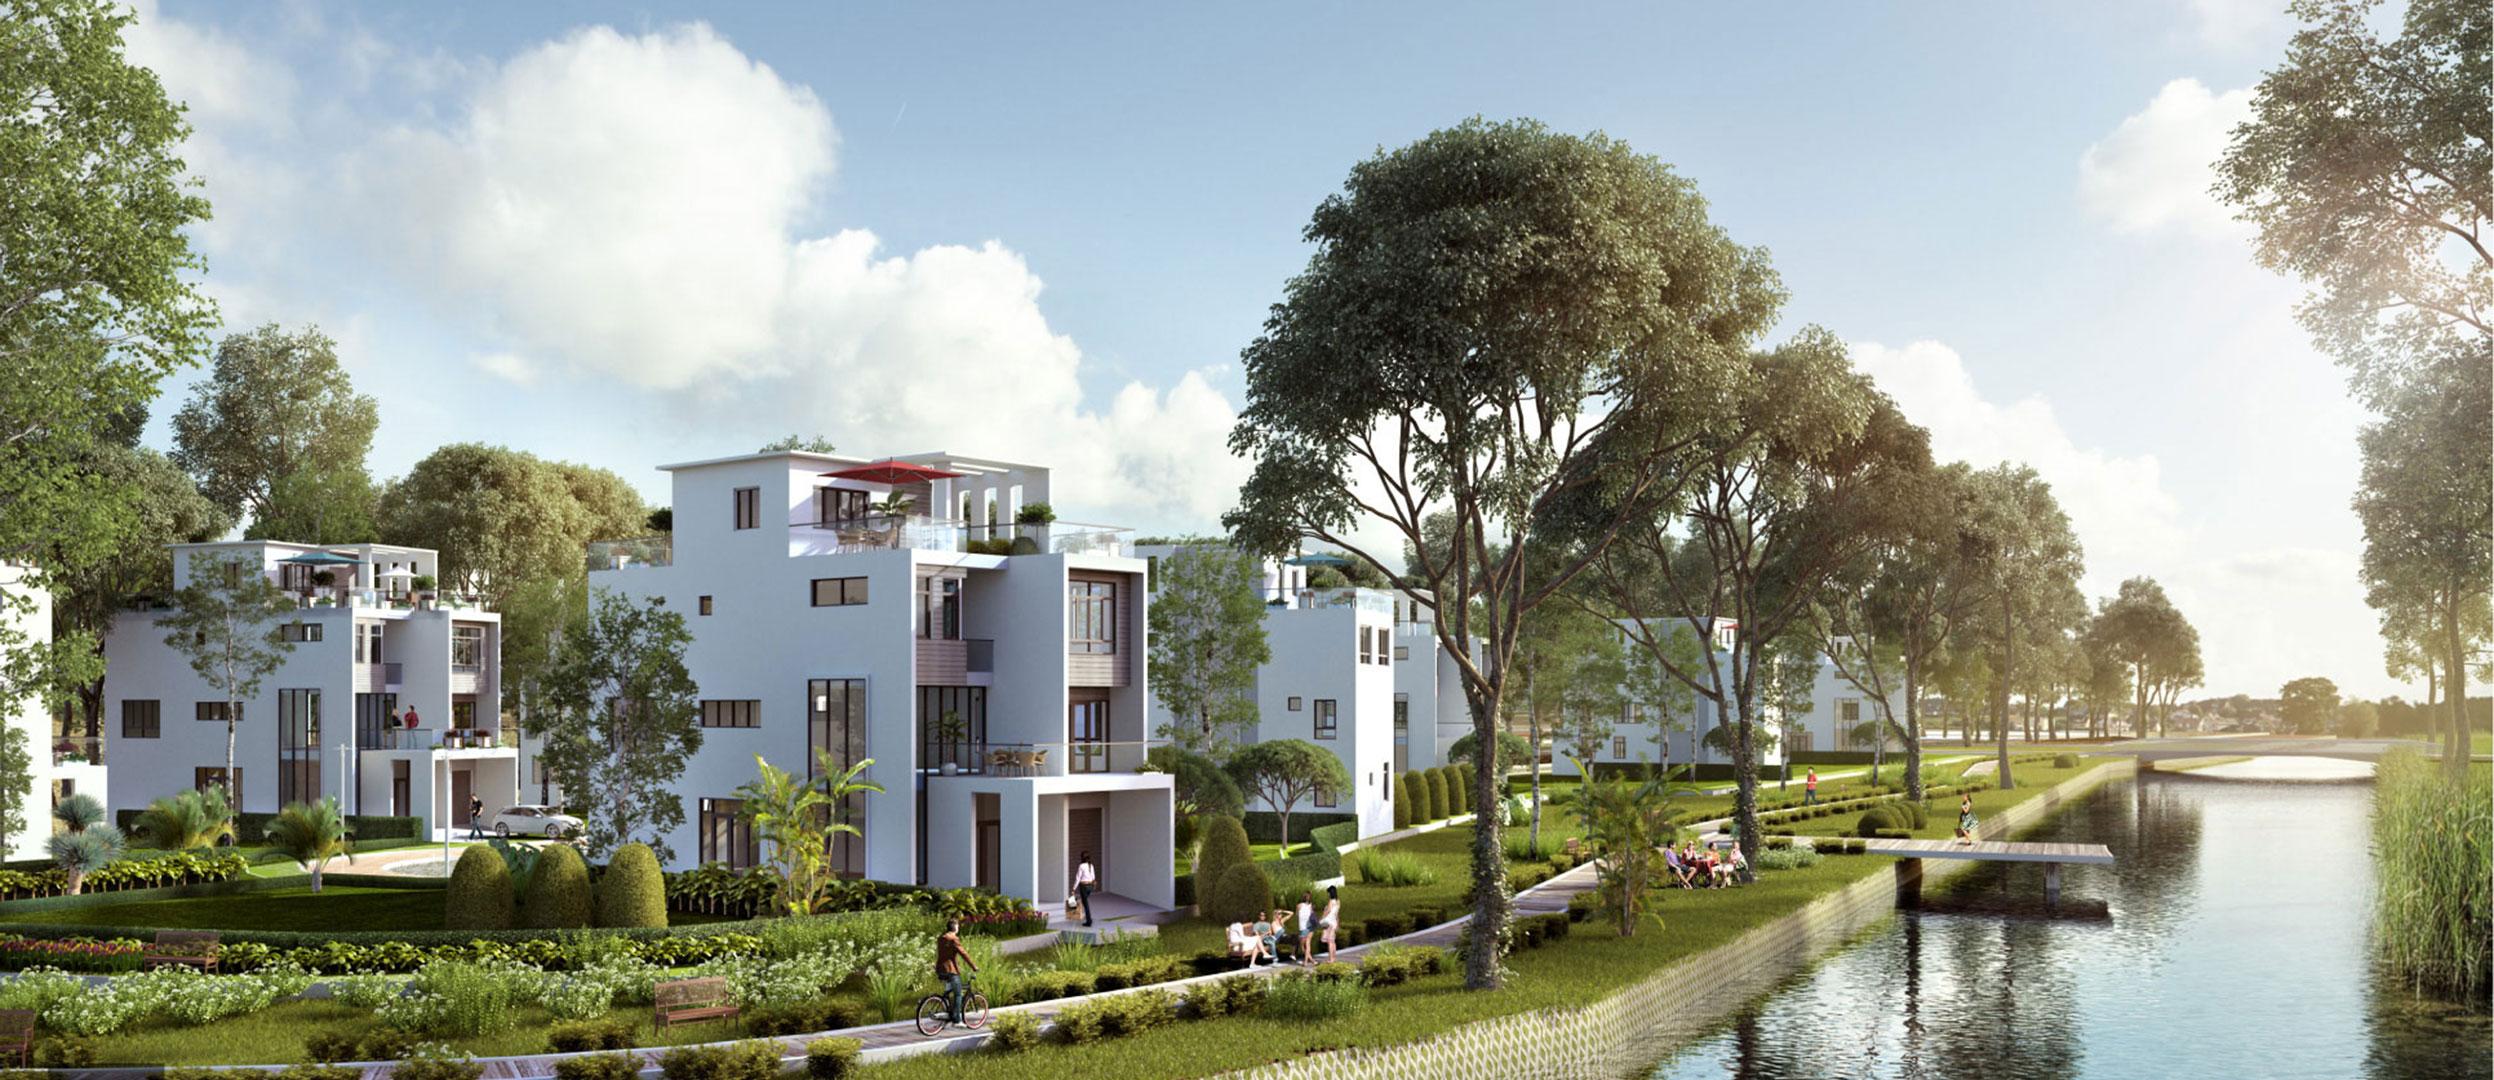 Valencia Riverside quận 9 - Tâm điểm của bất động sản 50229415